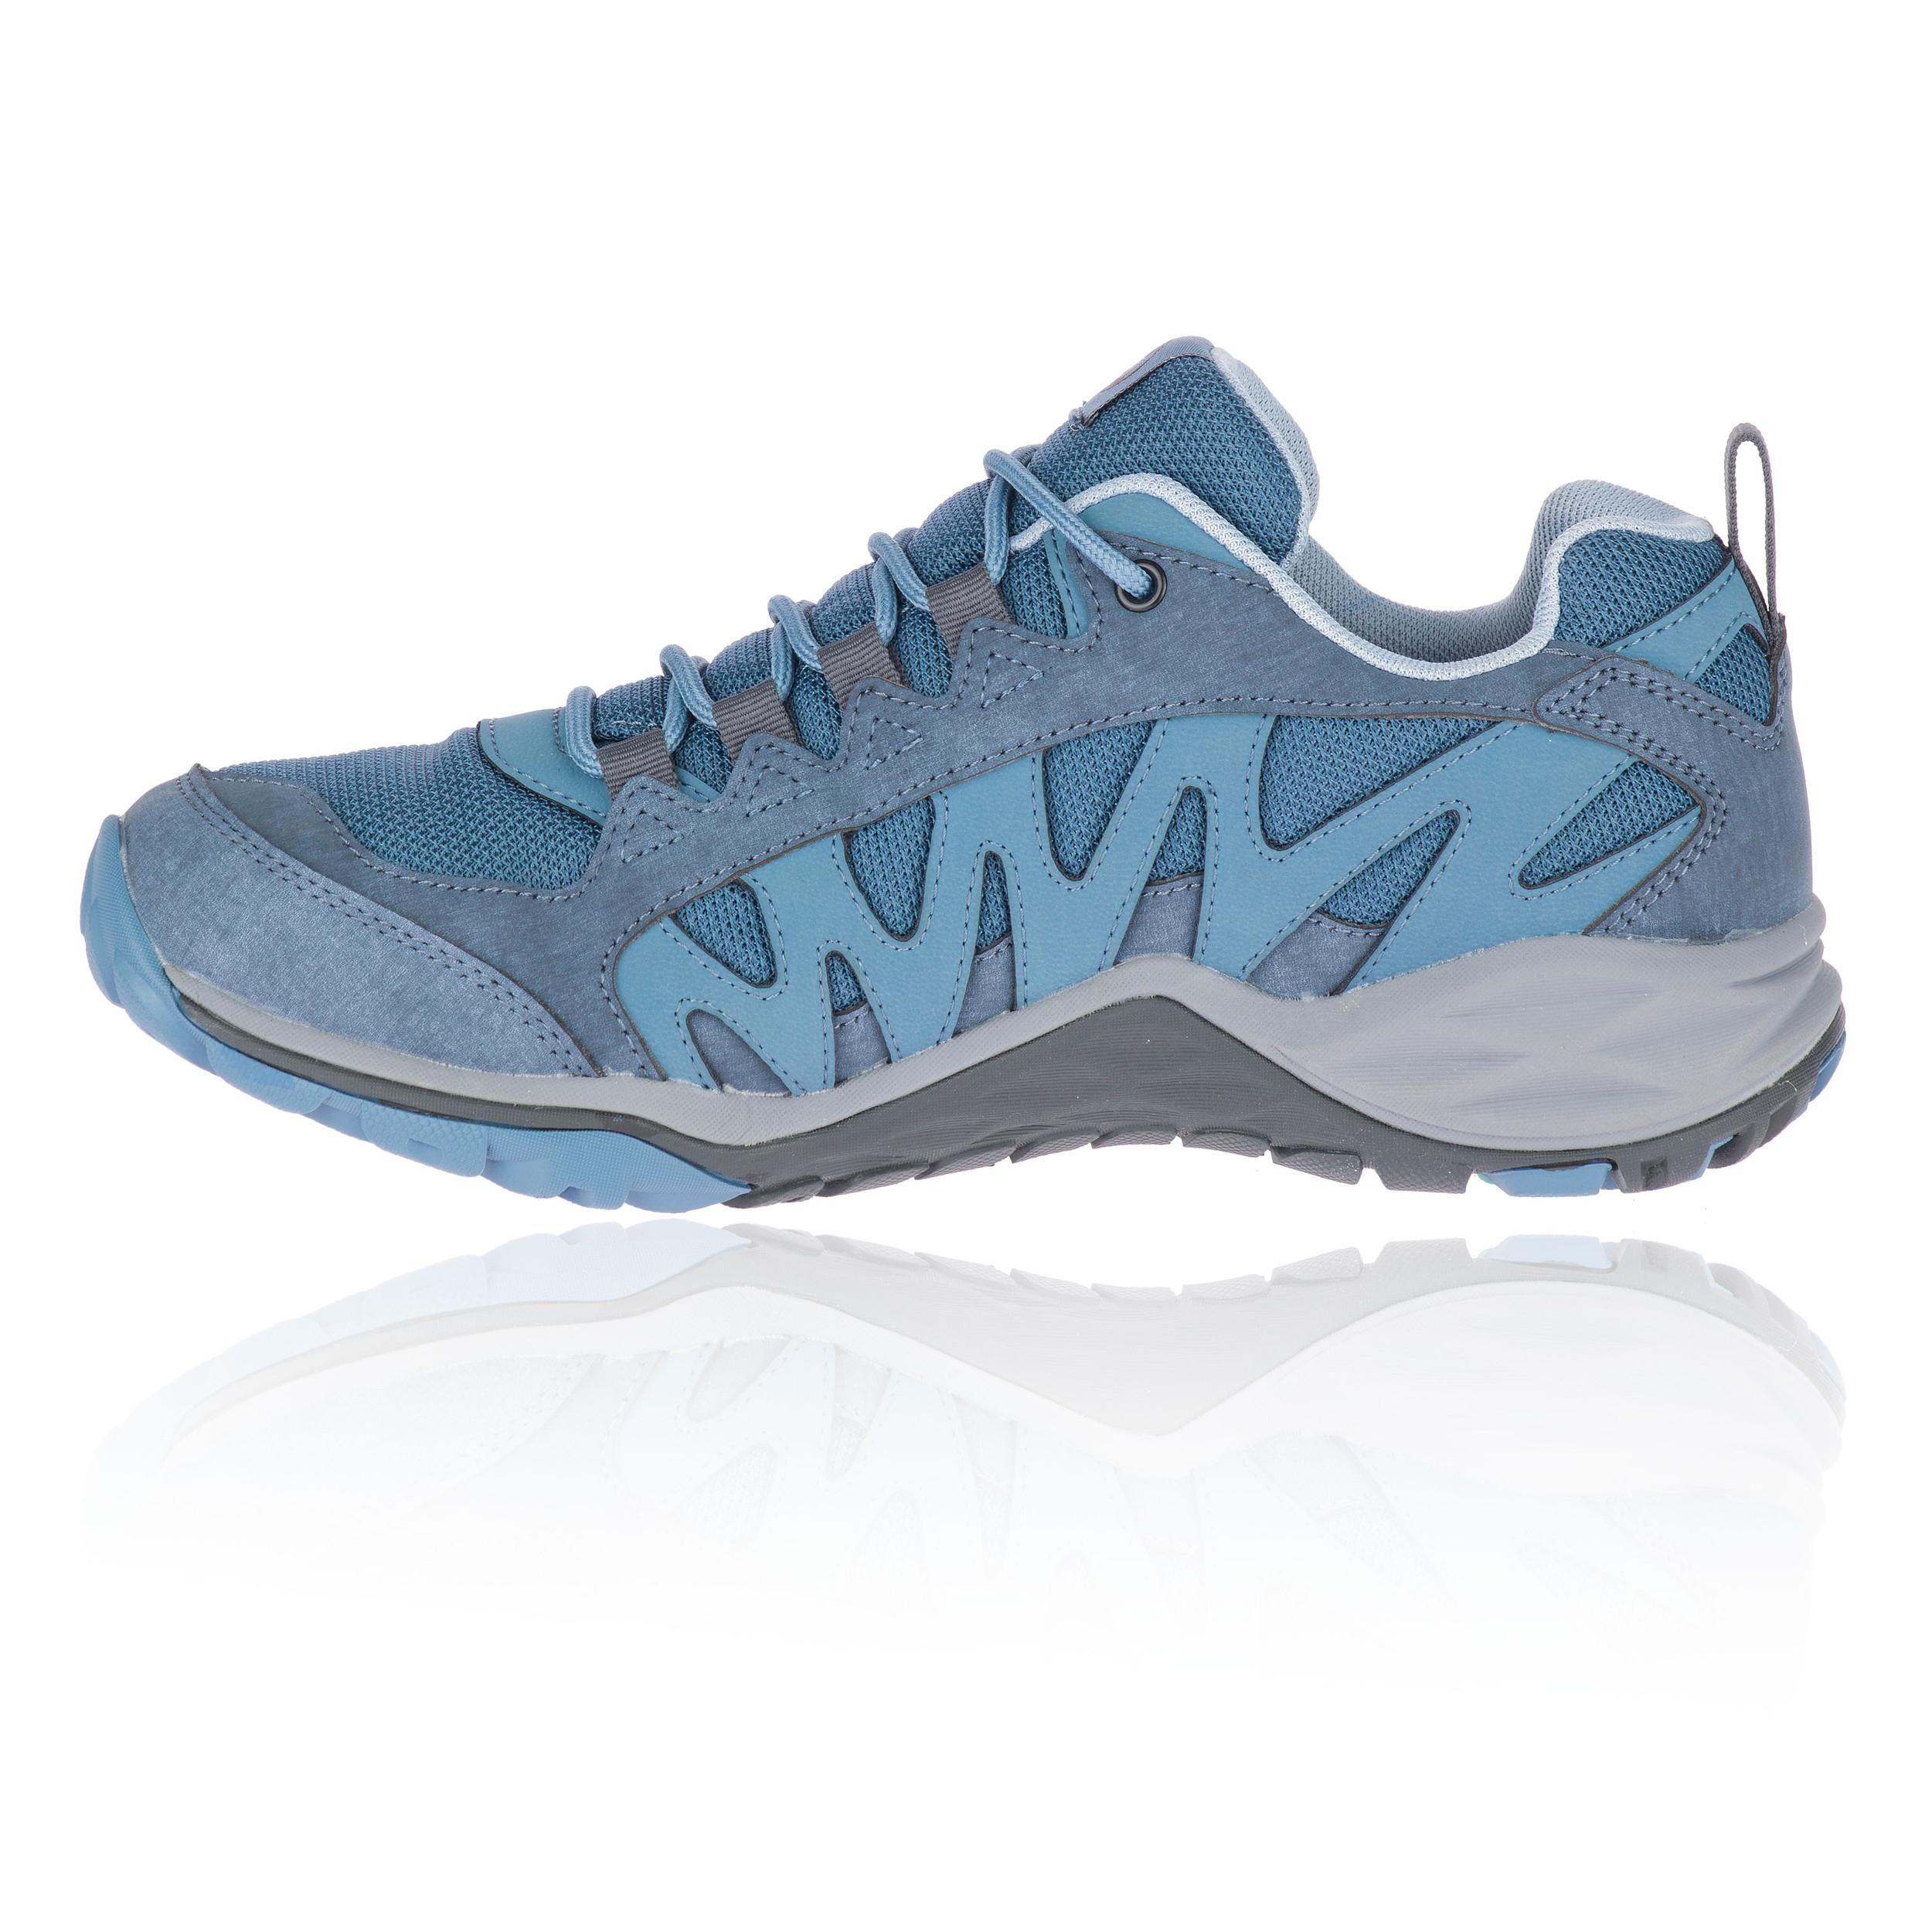 Détails sur Merrell Femmes Lulea Imperméable Chaussure De Marche Randonnée Bleu Sport